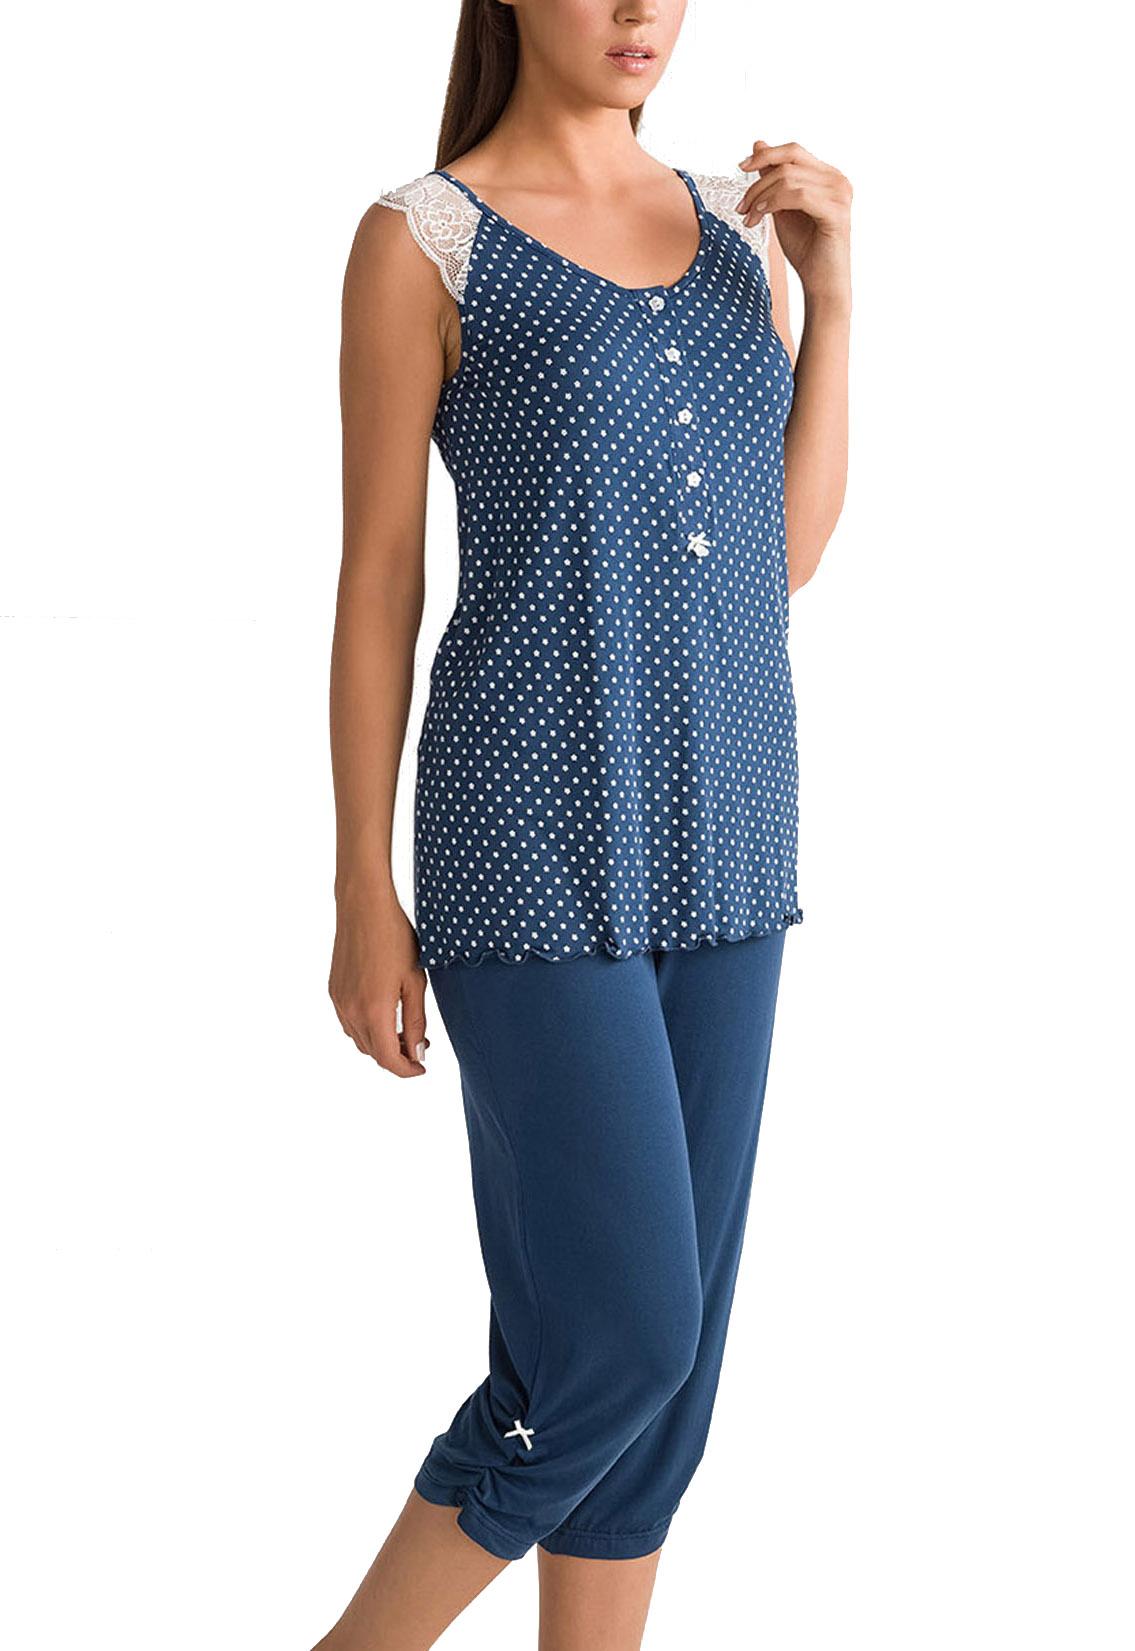 Γυναικεία Πυτζάμα Vamp - 00-10-5656 Μπλε